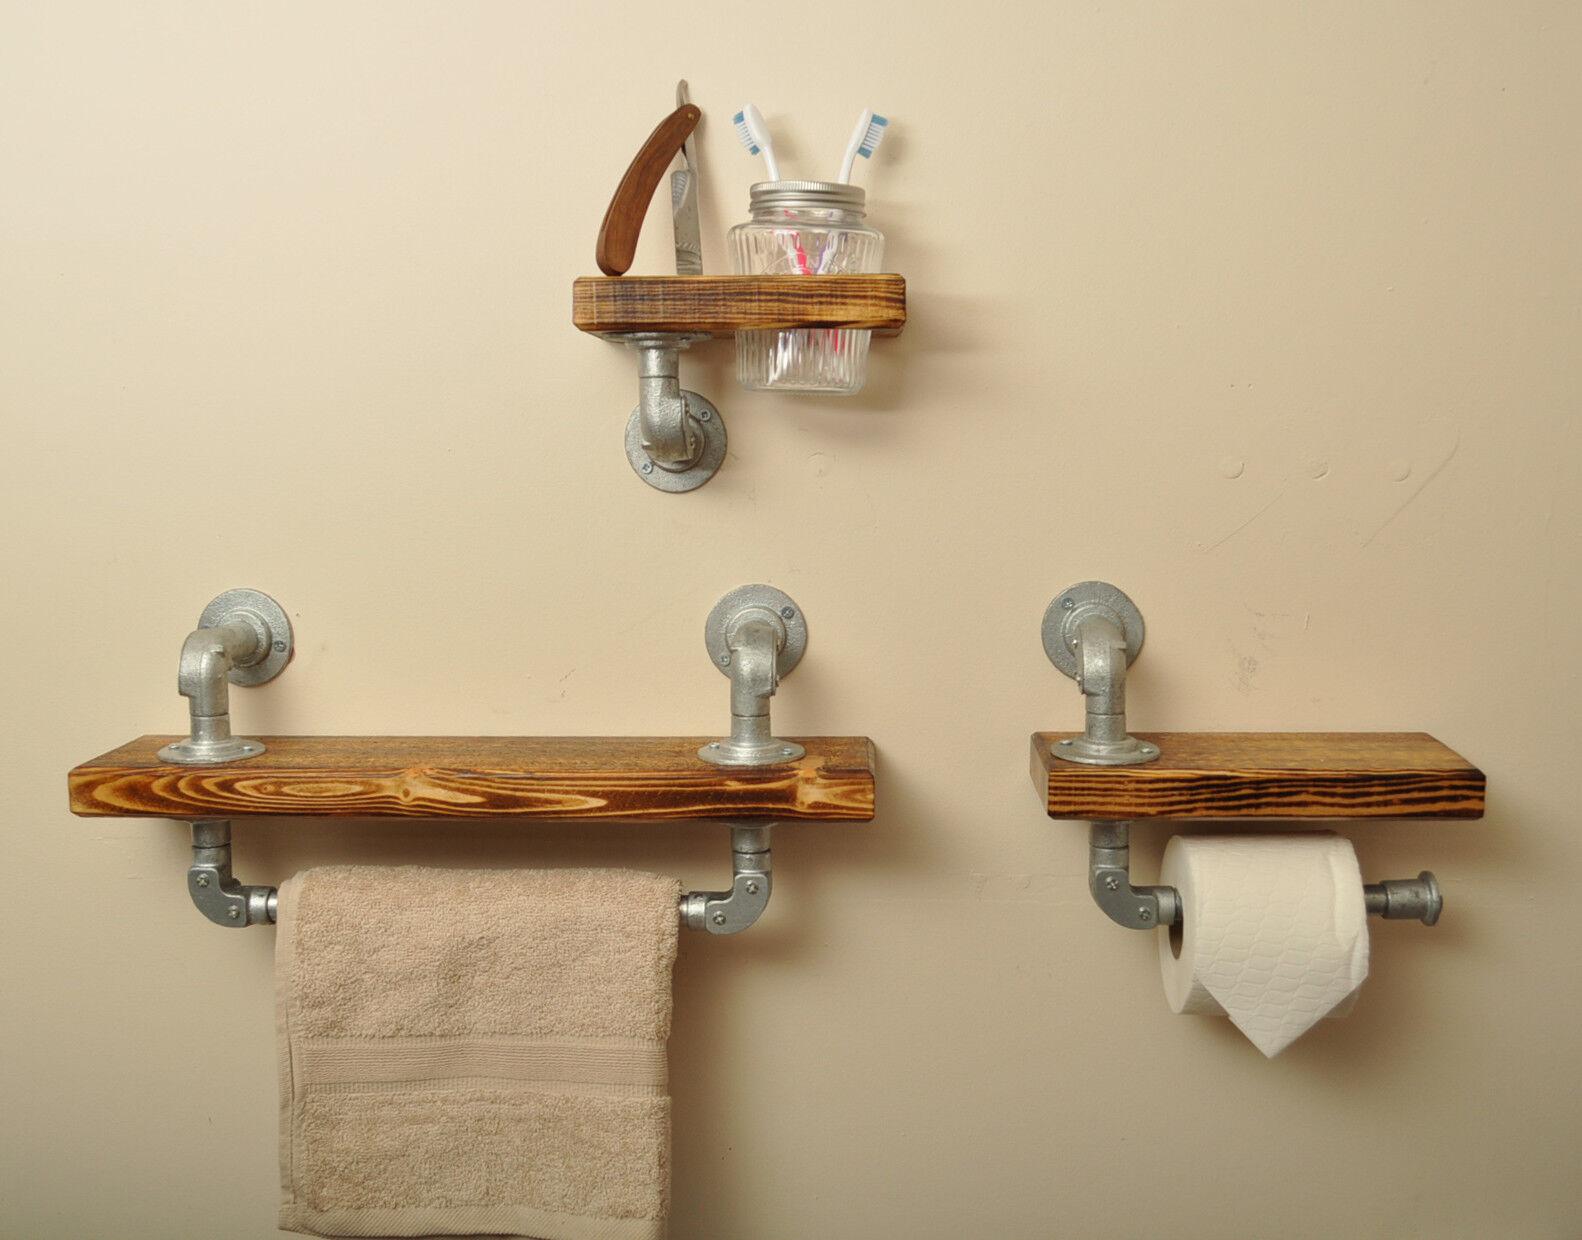 Industrial style Bathroom Shelf Set 20% VAT INC. Kilner Jar Vintage Retro pipe | Nouvelle Arrivée